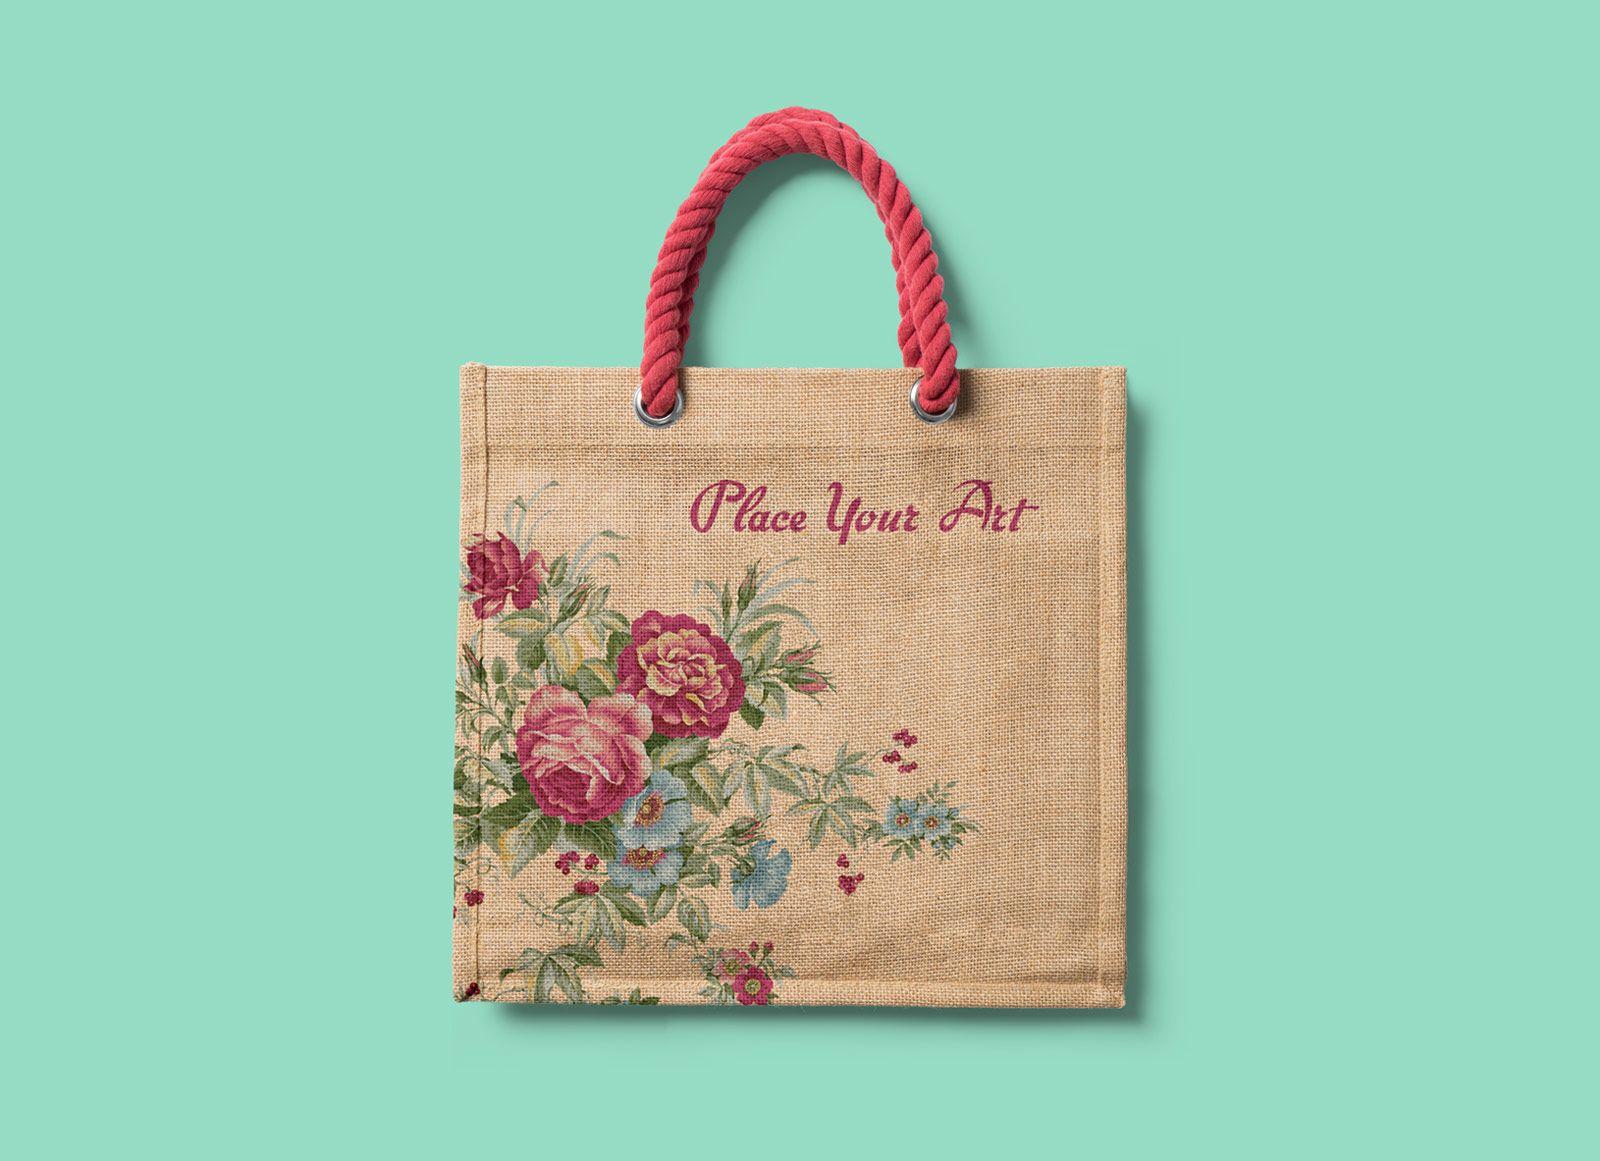 Download Free Tote Shopping Bag Mockup Psd Bag Mockup Free Tote Tote